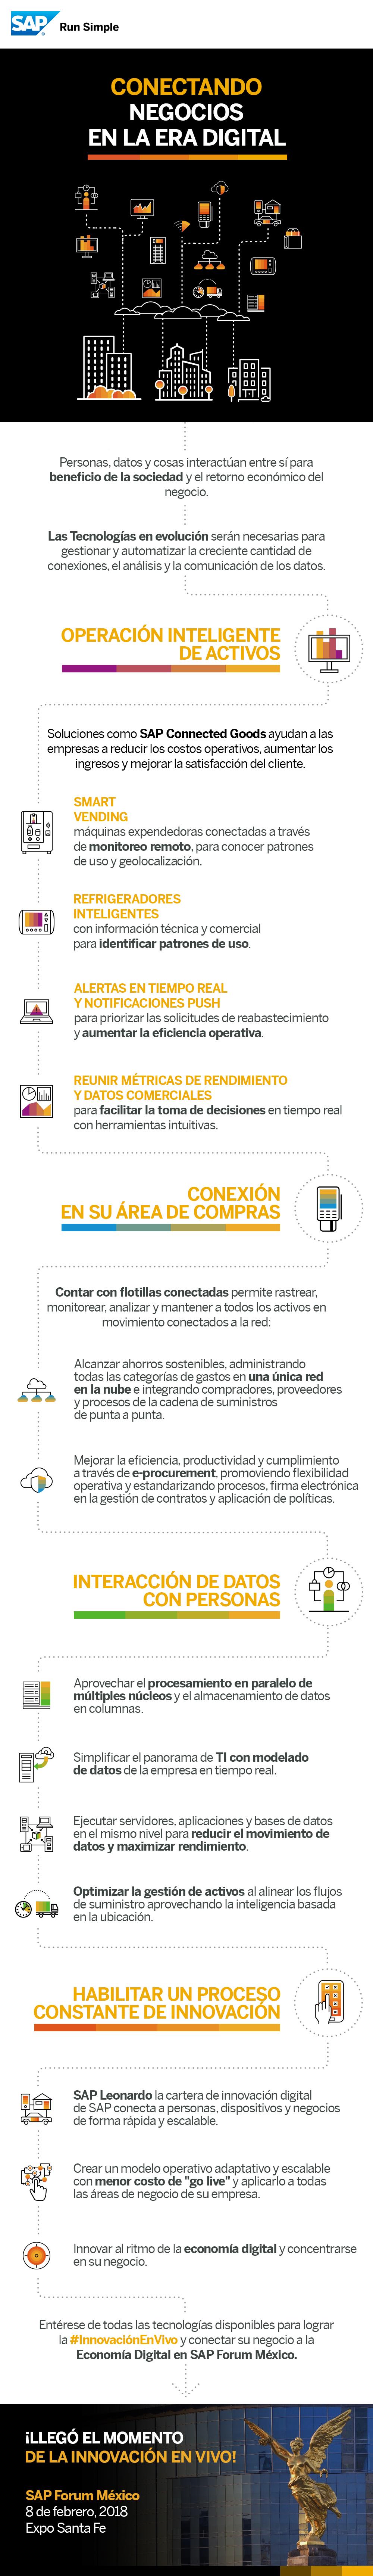 Infografia SAP Forum Mexico- conectando-negocios